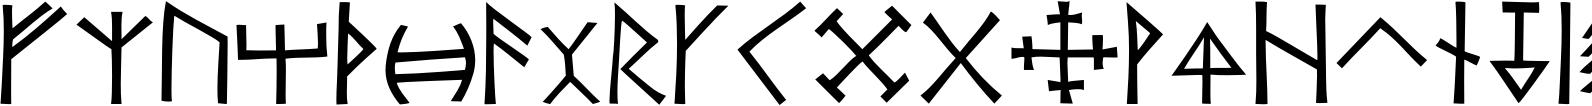 P22 Koch Signs